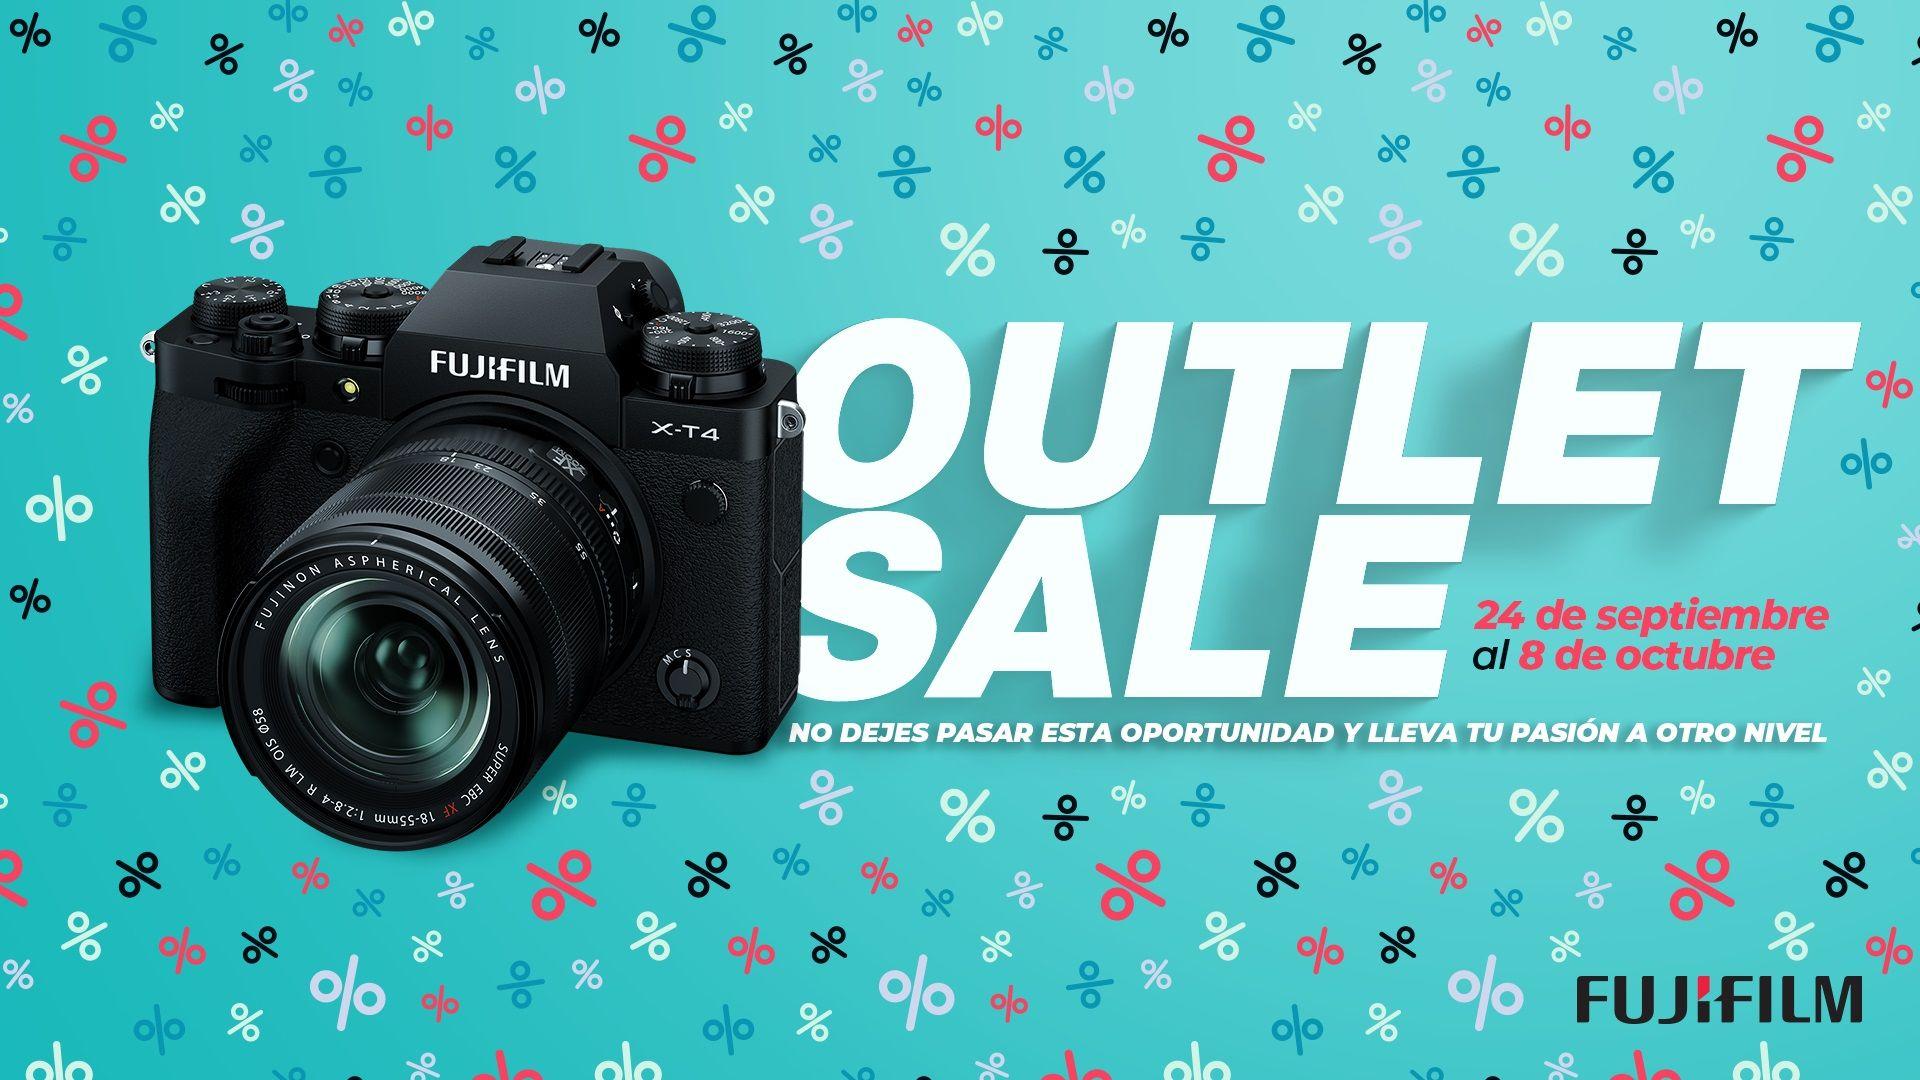 fujifilm ofertas outlet mexico 1